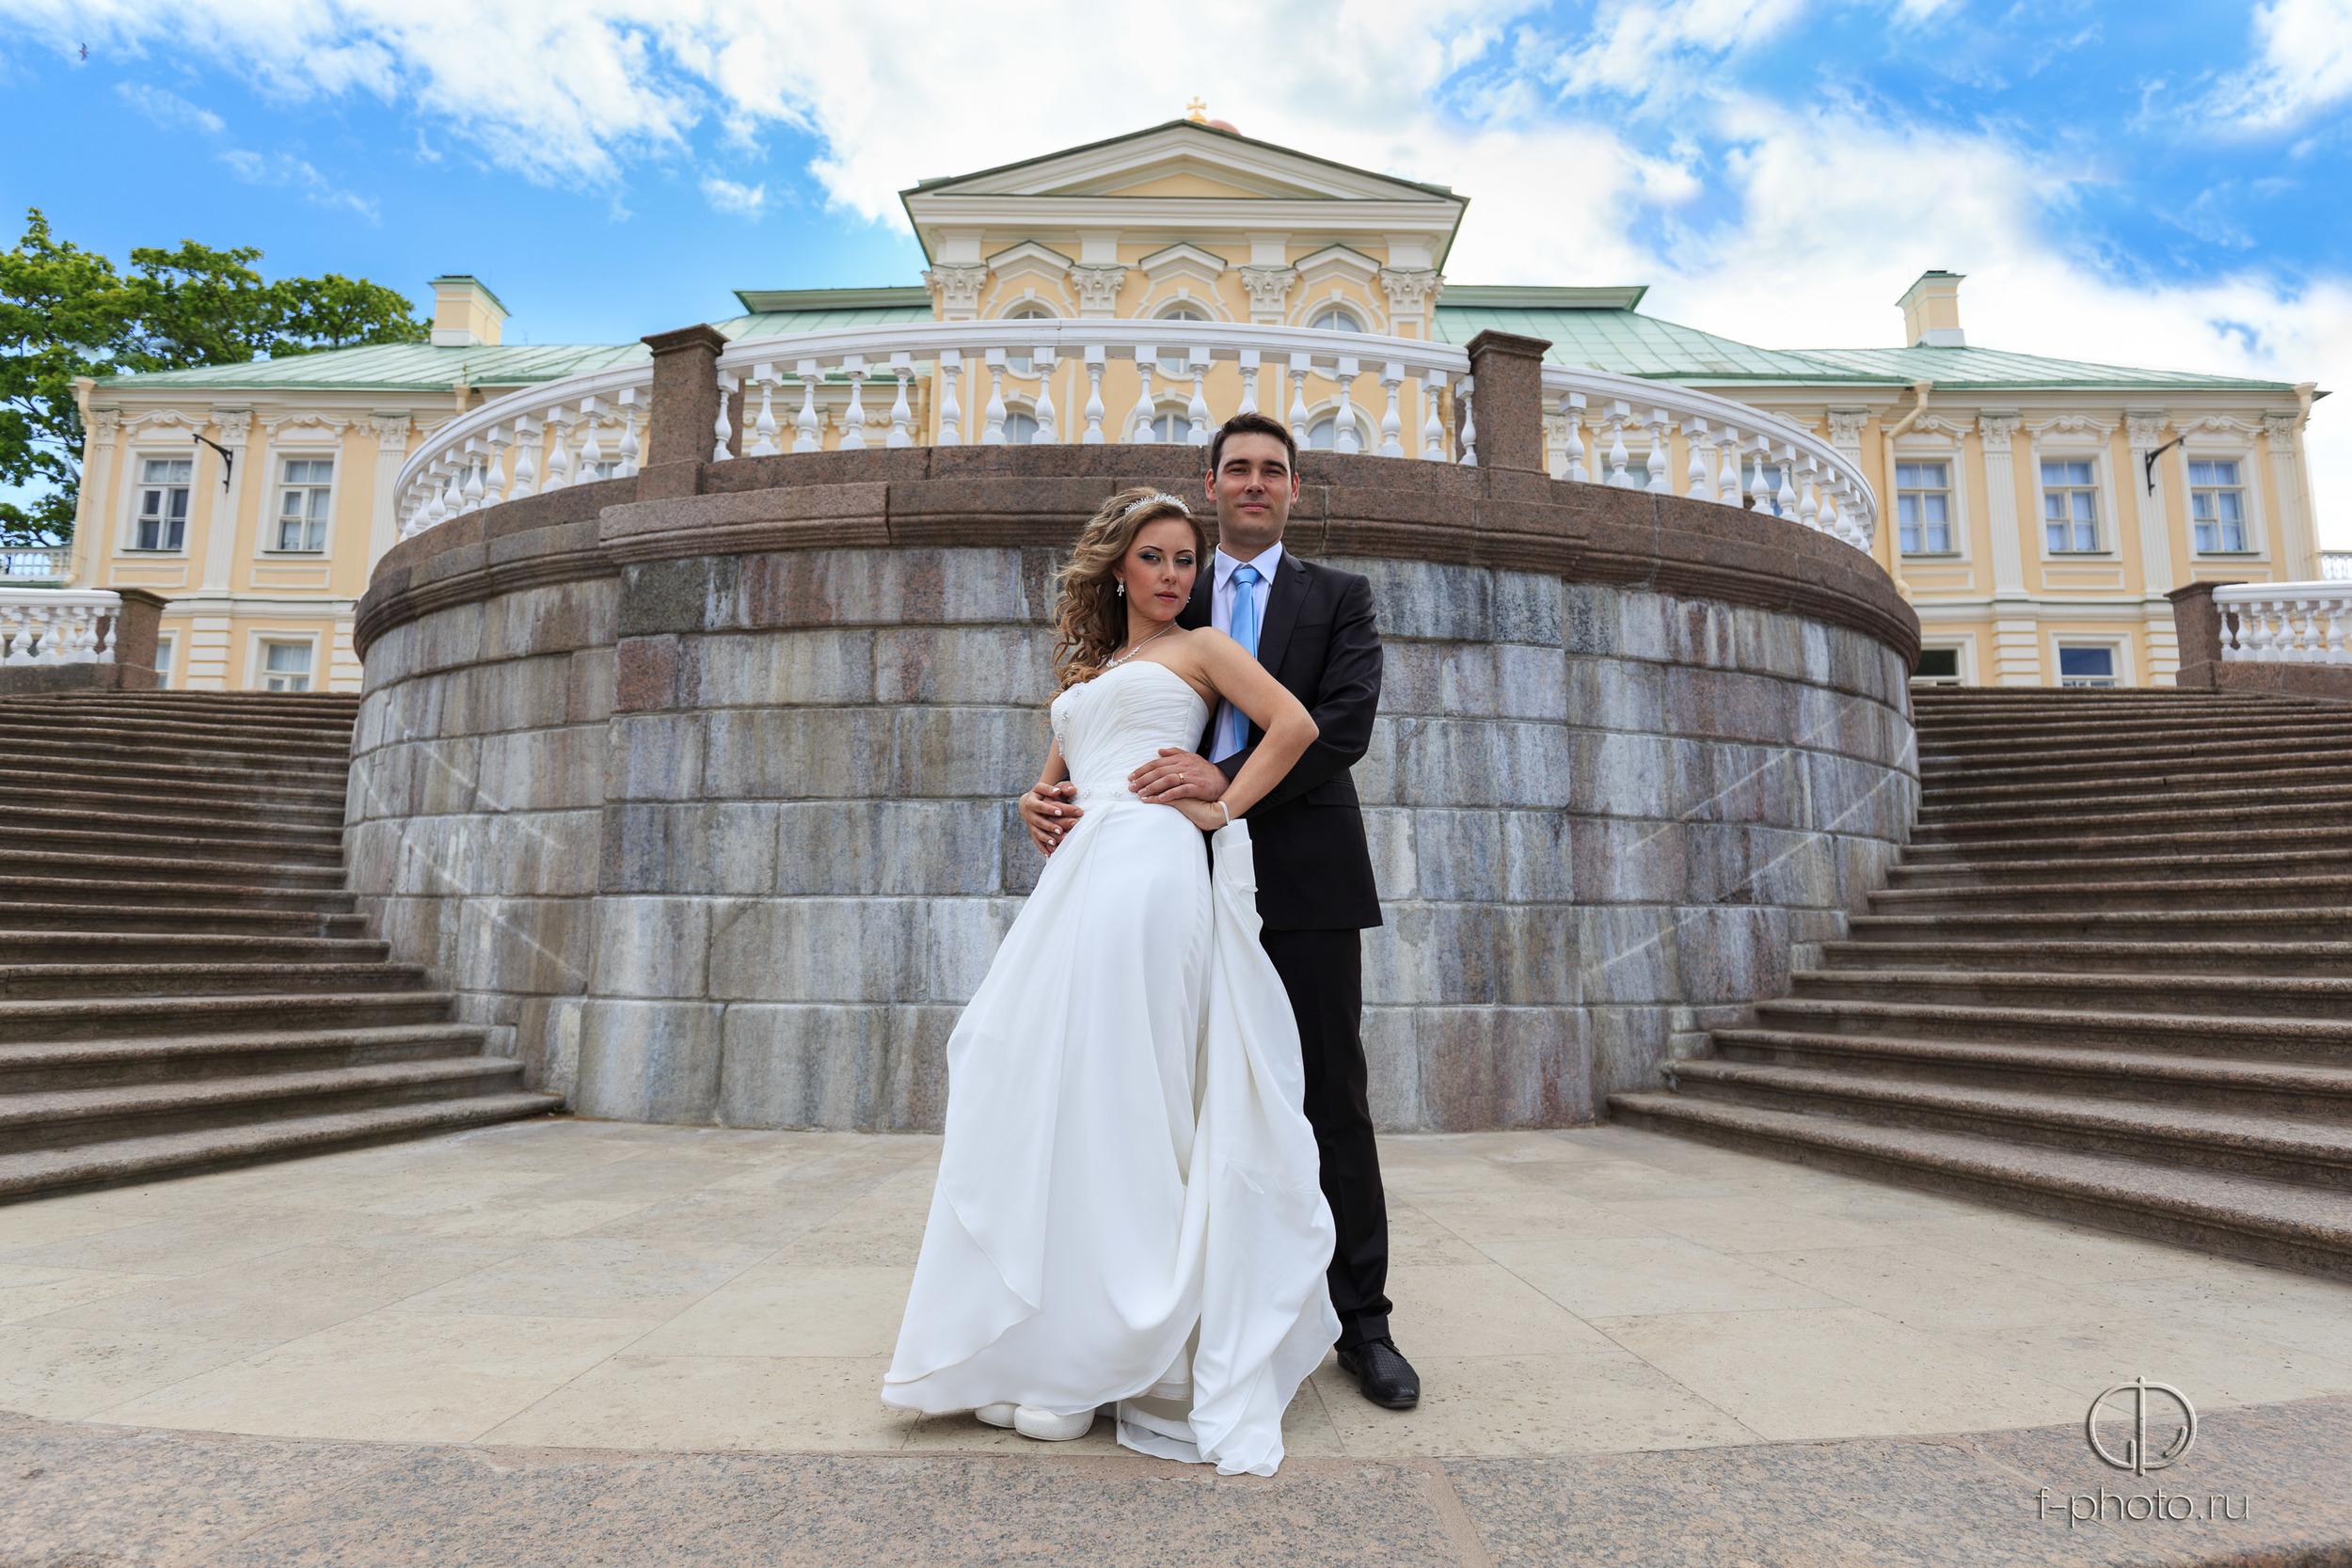 Свадьба в Ломоносове (фото)